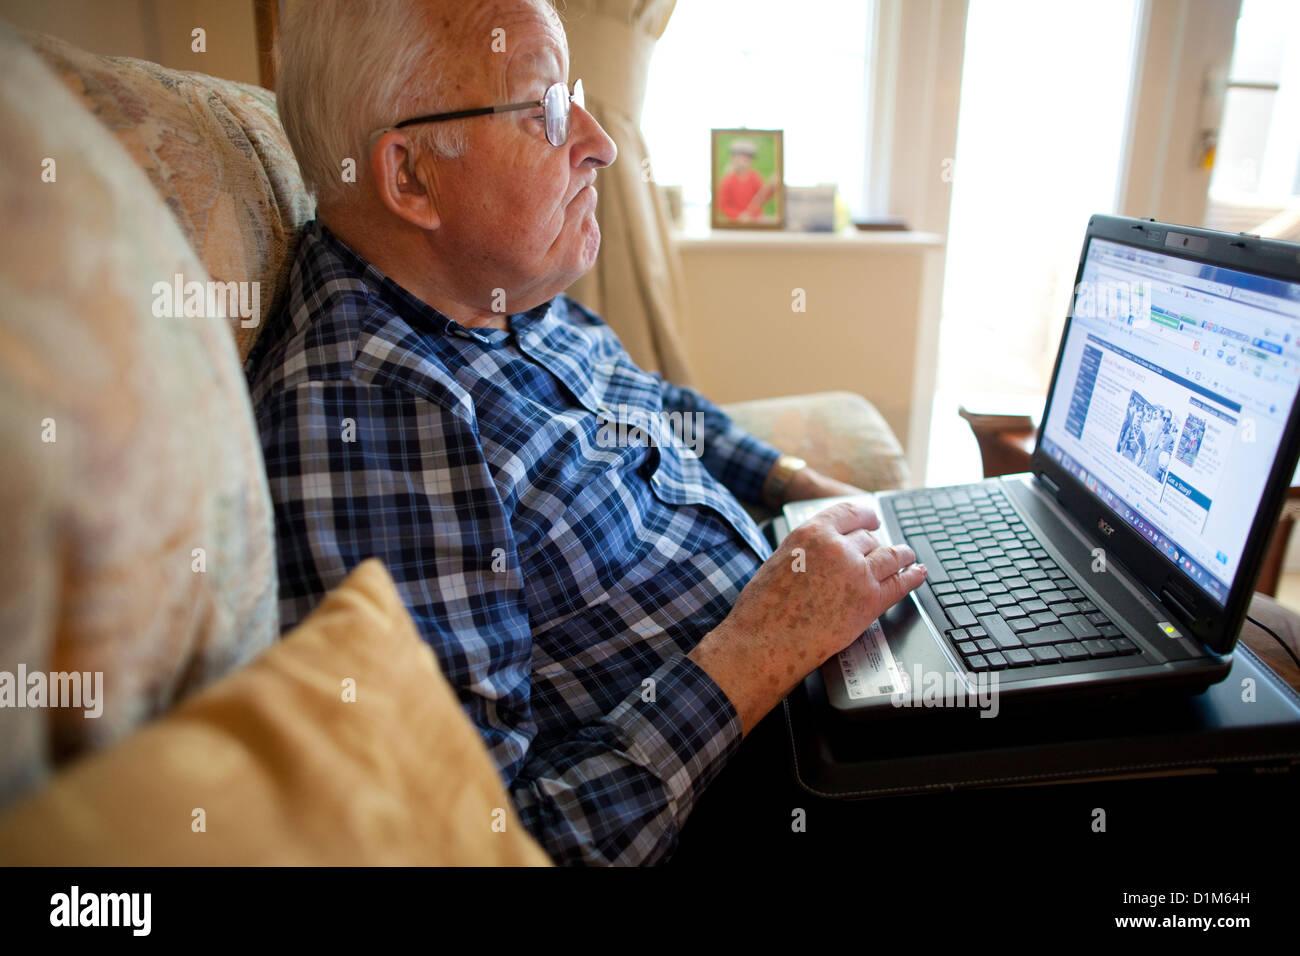 Uomo anziano usando un computer portatile a casa Immagini Stock